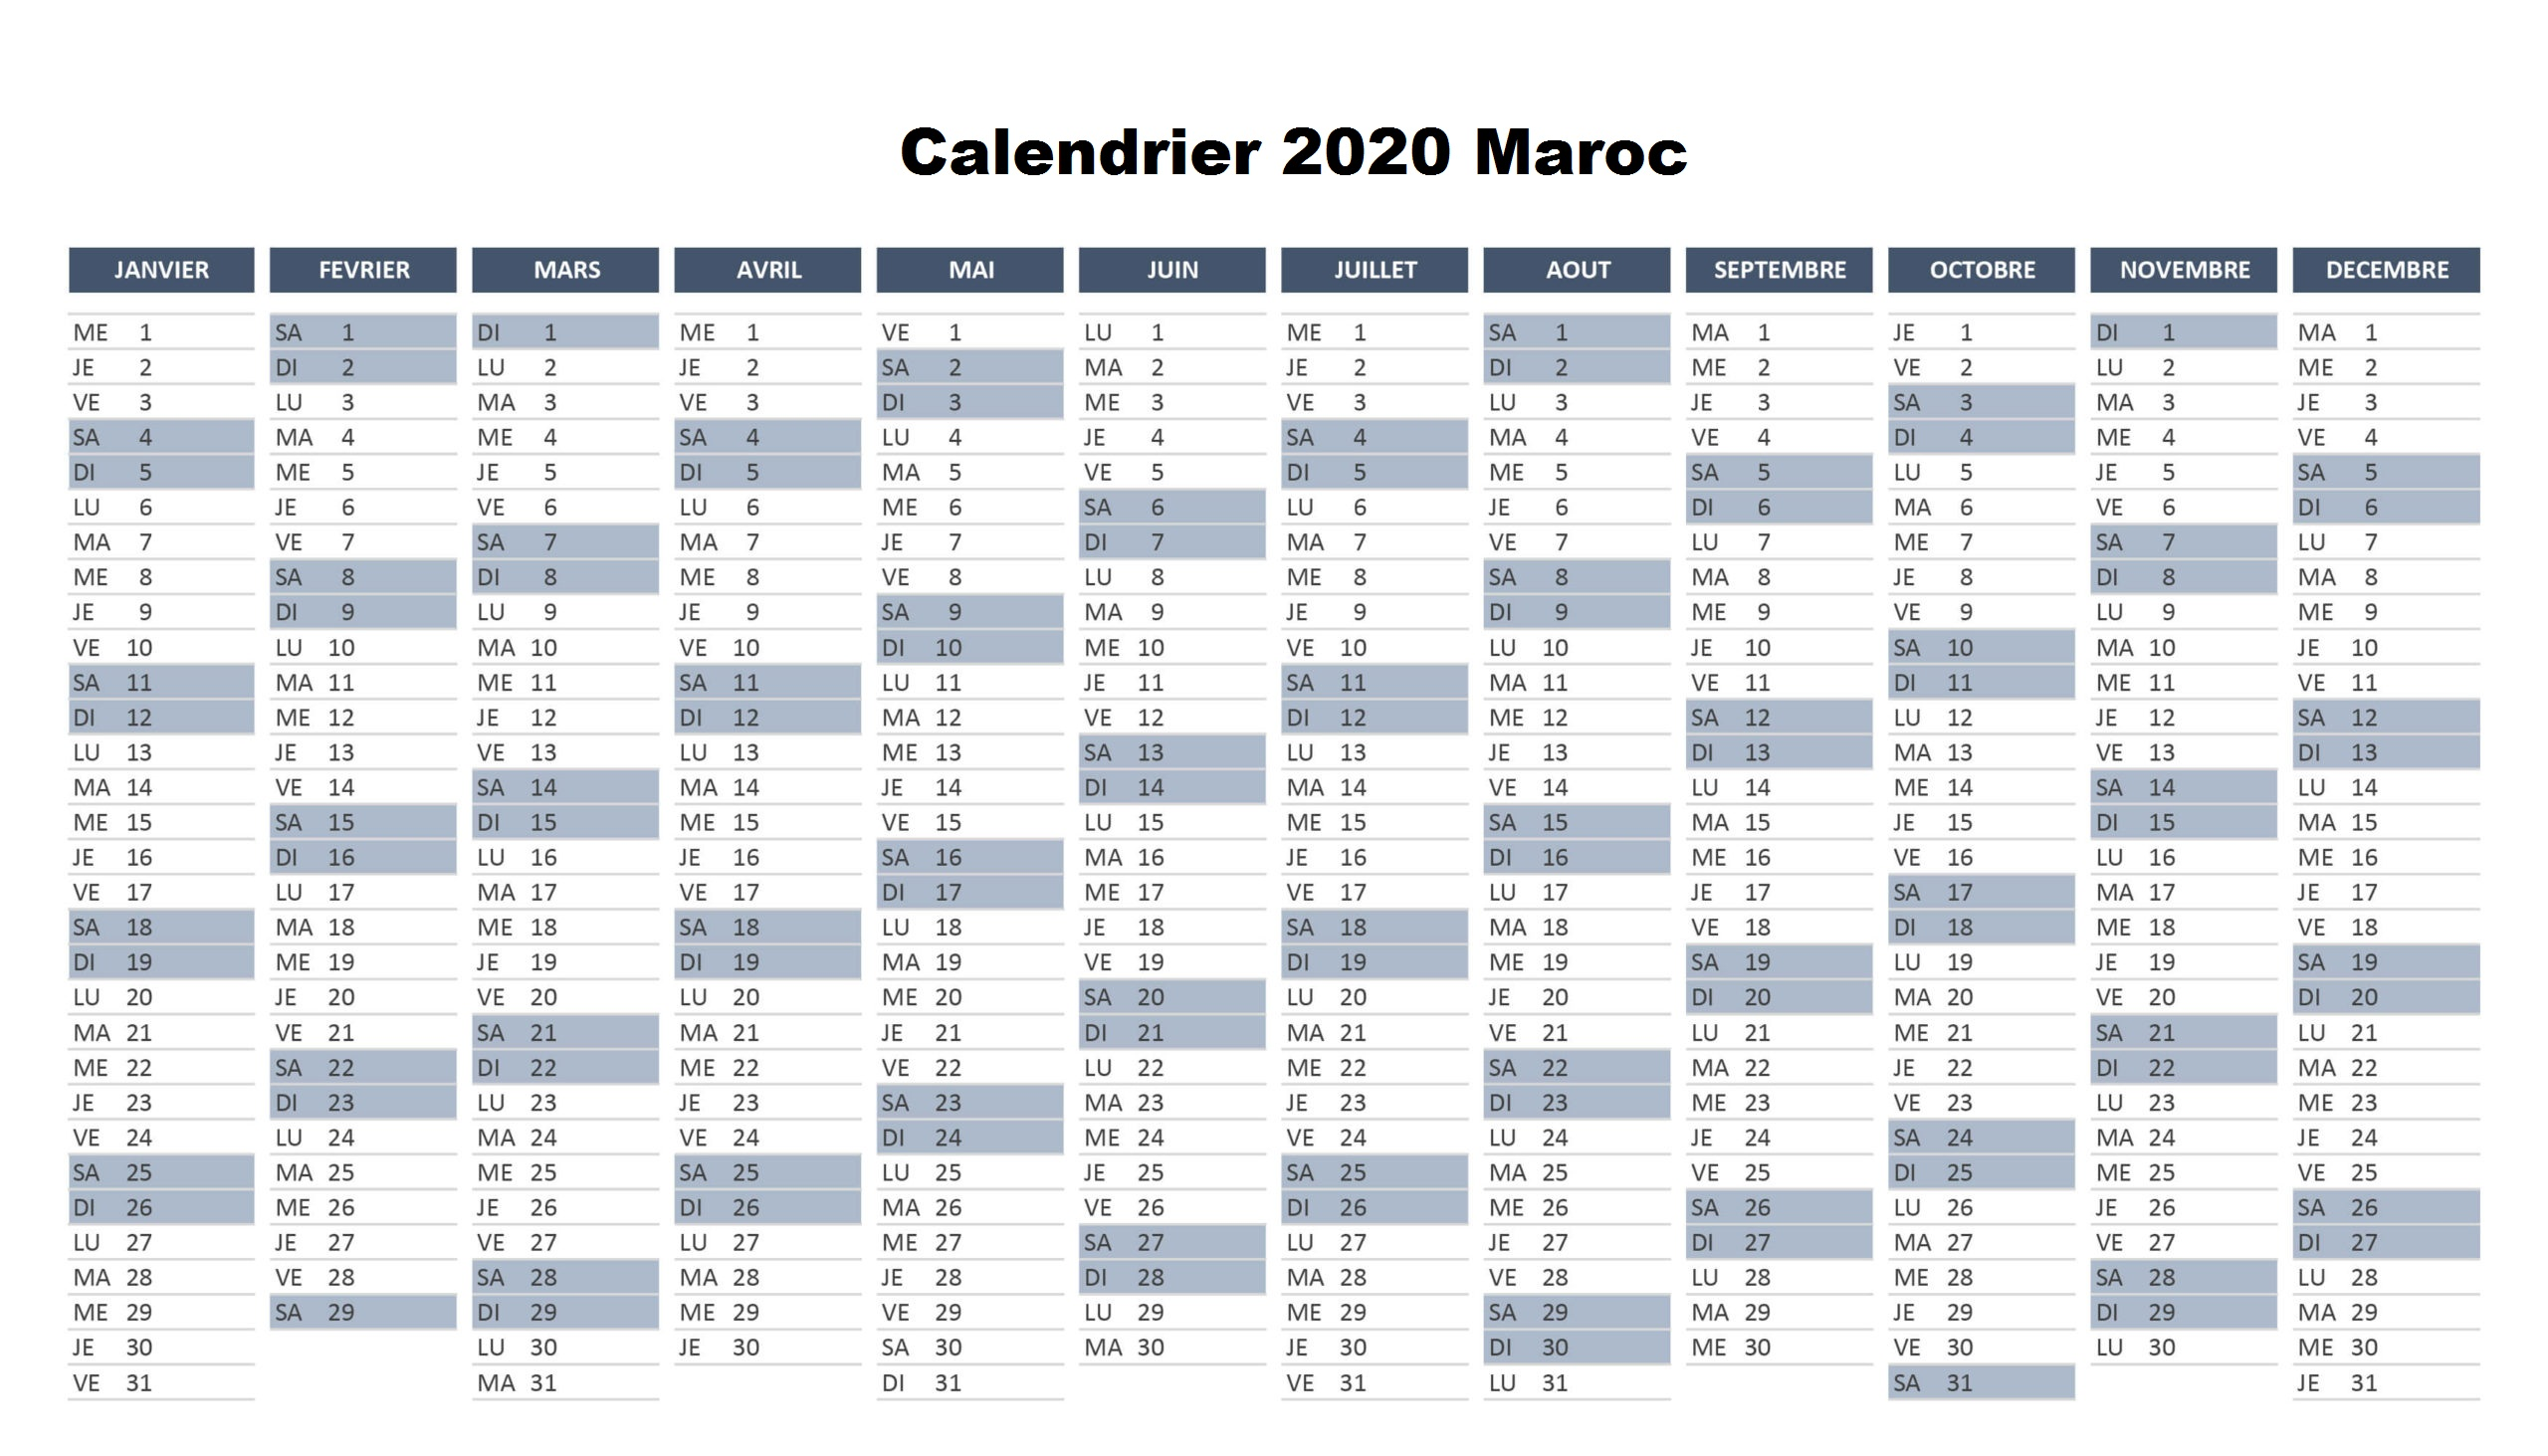 Calendrier 2020 Maroc PDF